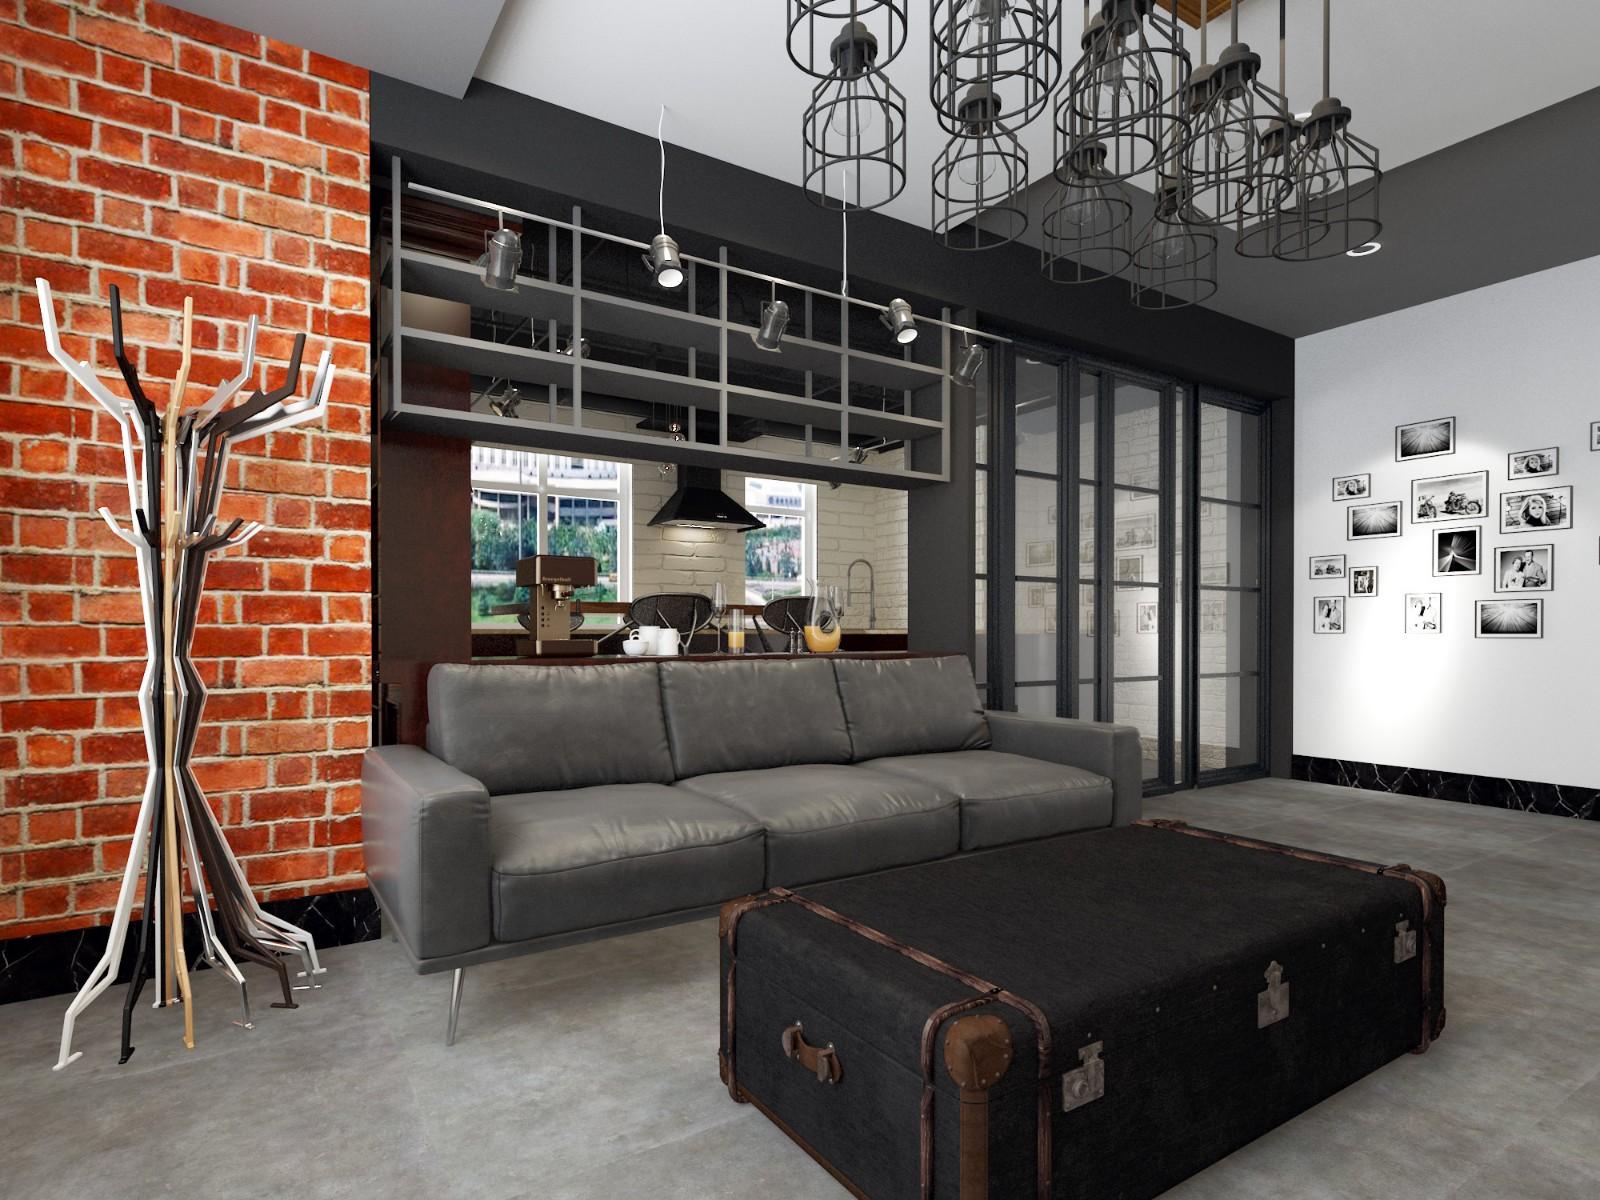 联发君悦华府120平三室两厅后现代工业风格装修效果图